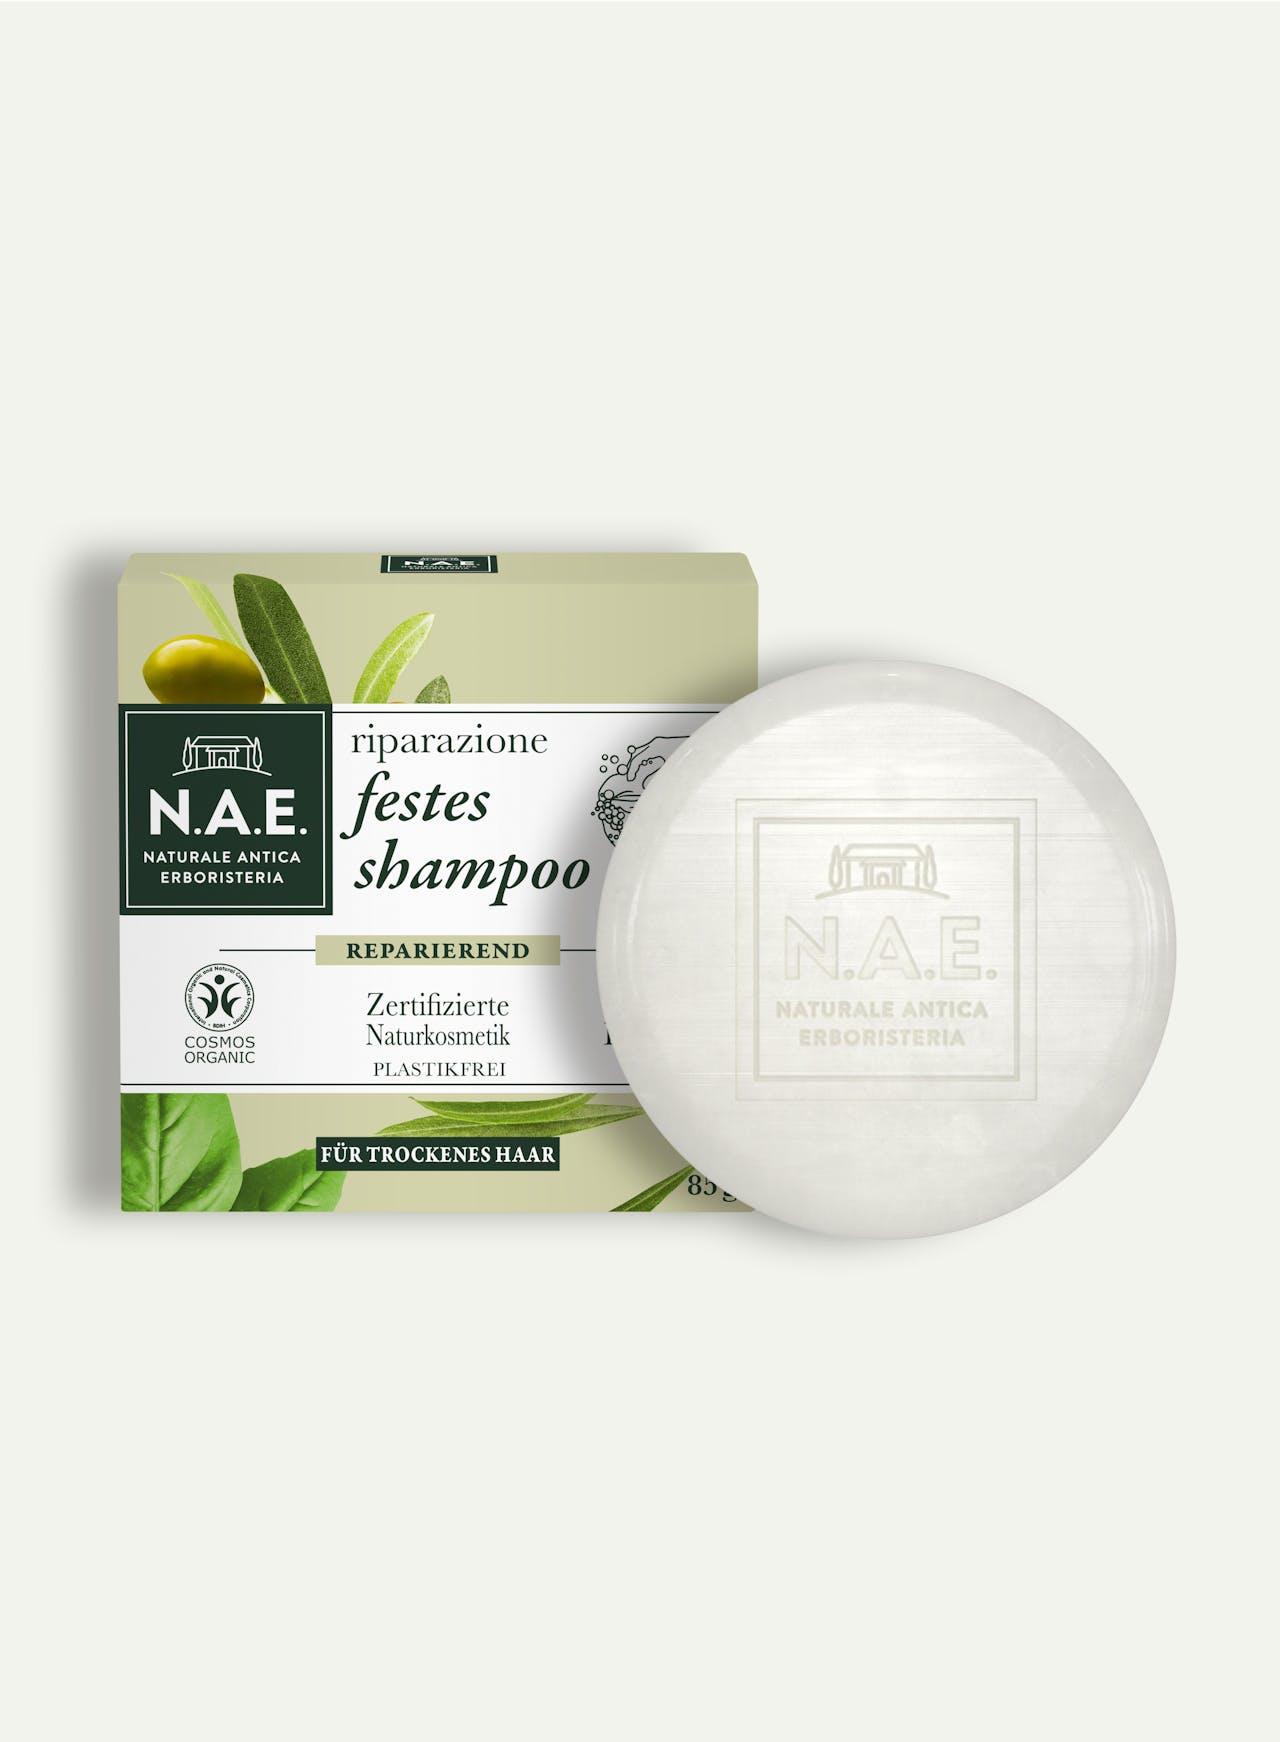 reparierendes festes shampoo 85g